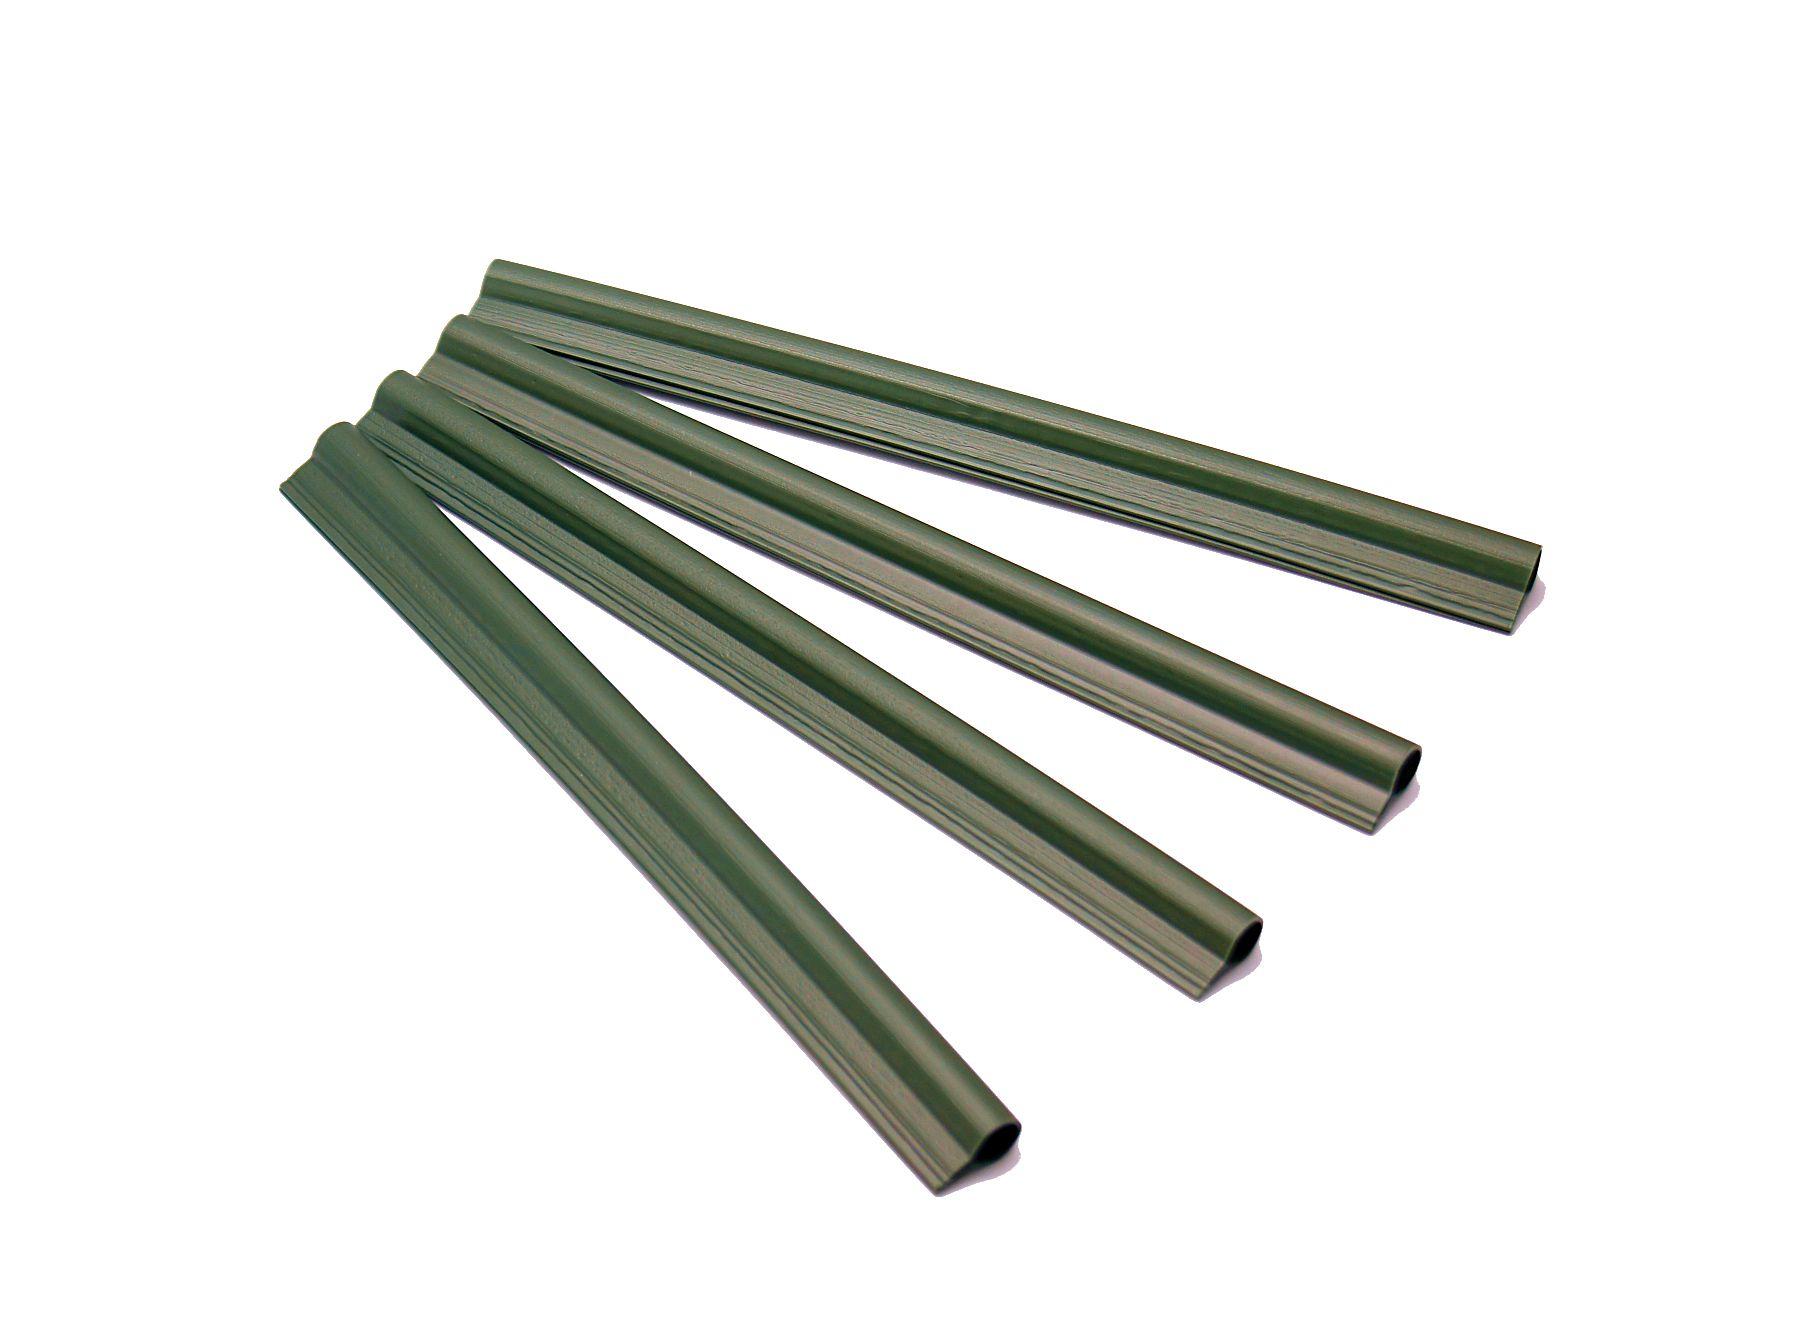 50 Stück Klemmschienen in grün Abschlussleiste für PE-Sichtschutzstreifen